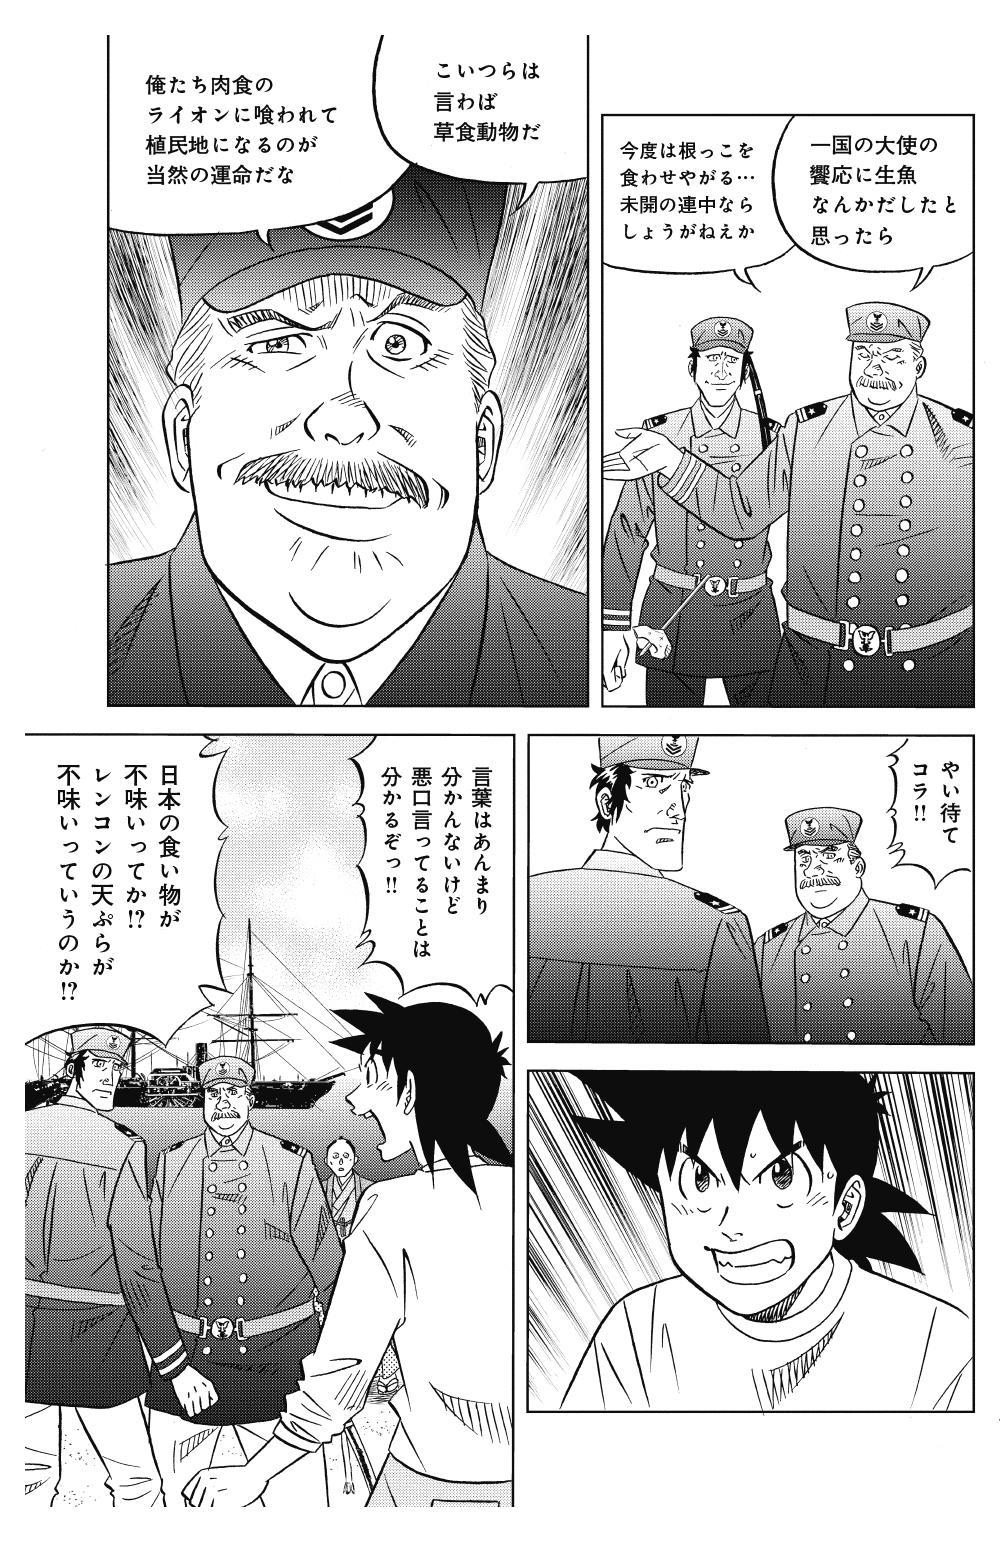 ミスター味っ子 幕末編 第1話「黒船来航」②ajikko16.jpg